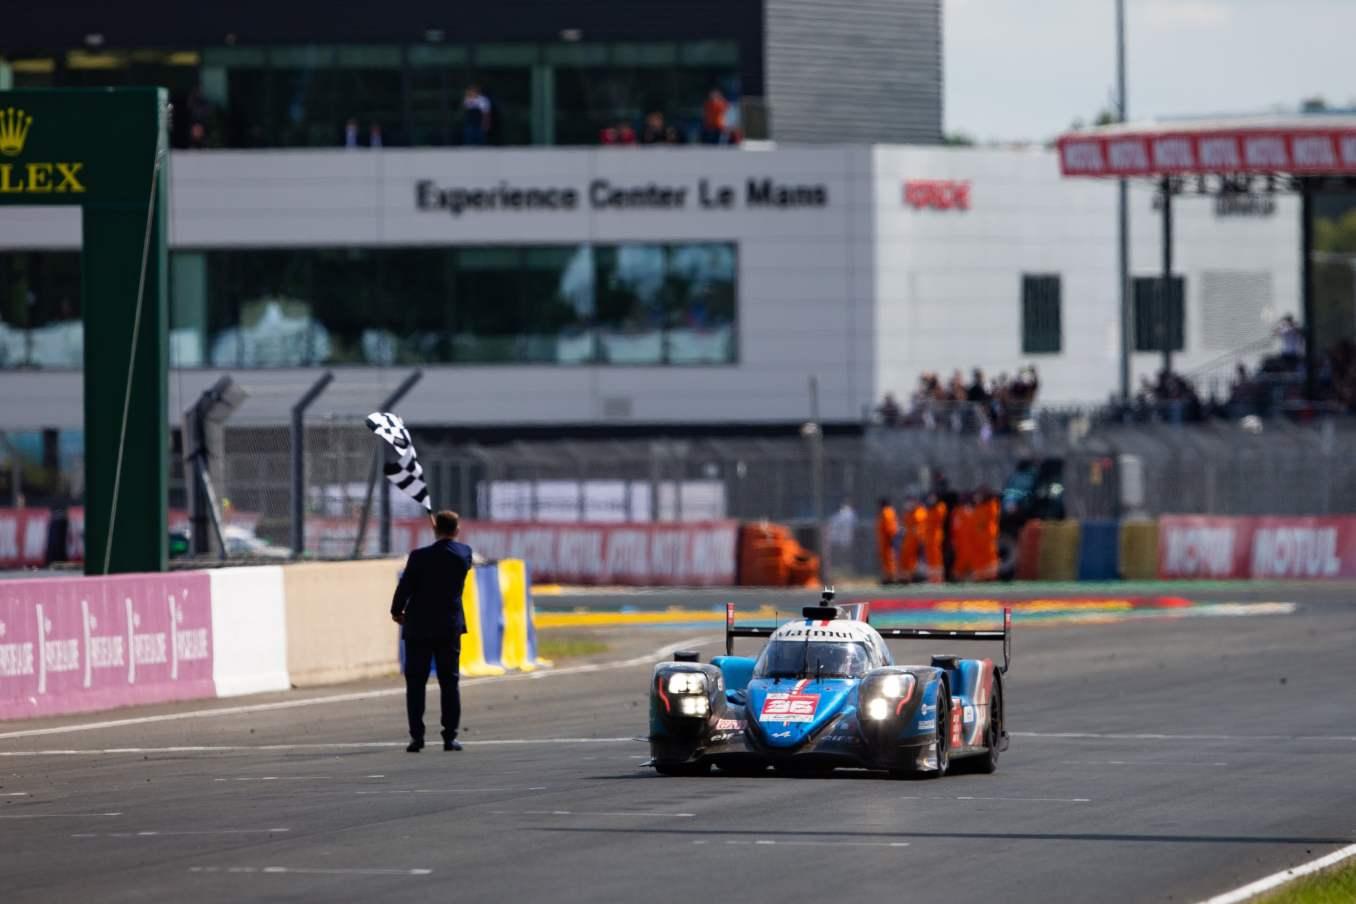 Alpine monte sur la troisieme marche du Podium aux 24 Heures du Mans 2021 6 | Alpine monte sur la 3ème marche du Podium aux 24 Heures du Mans 2021